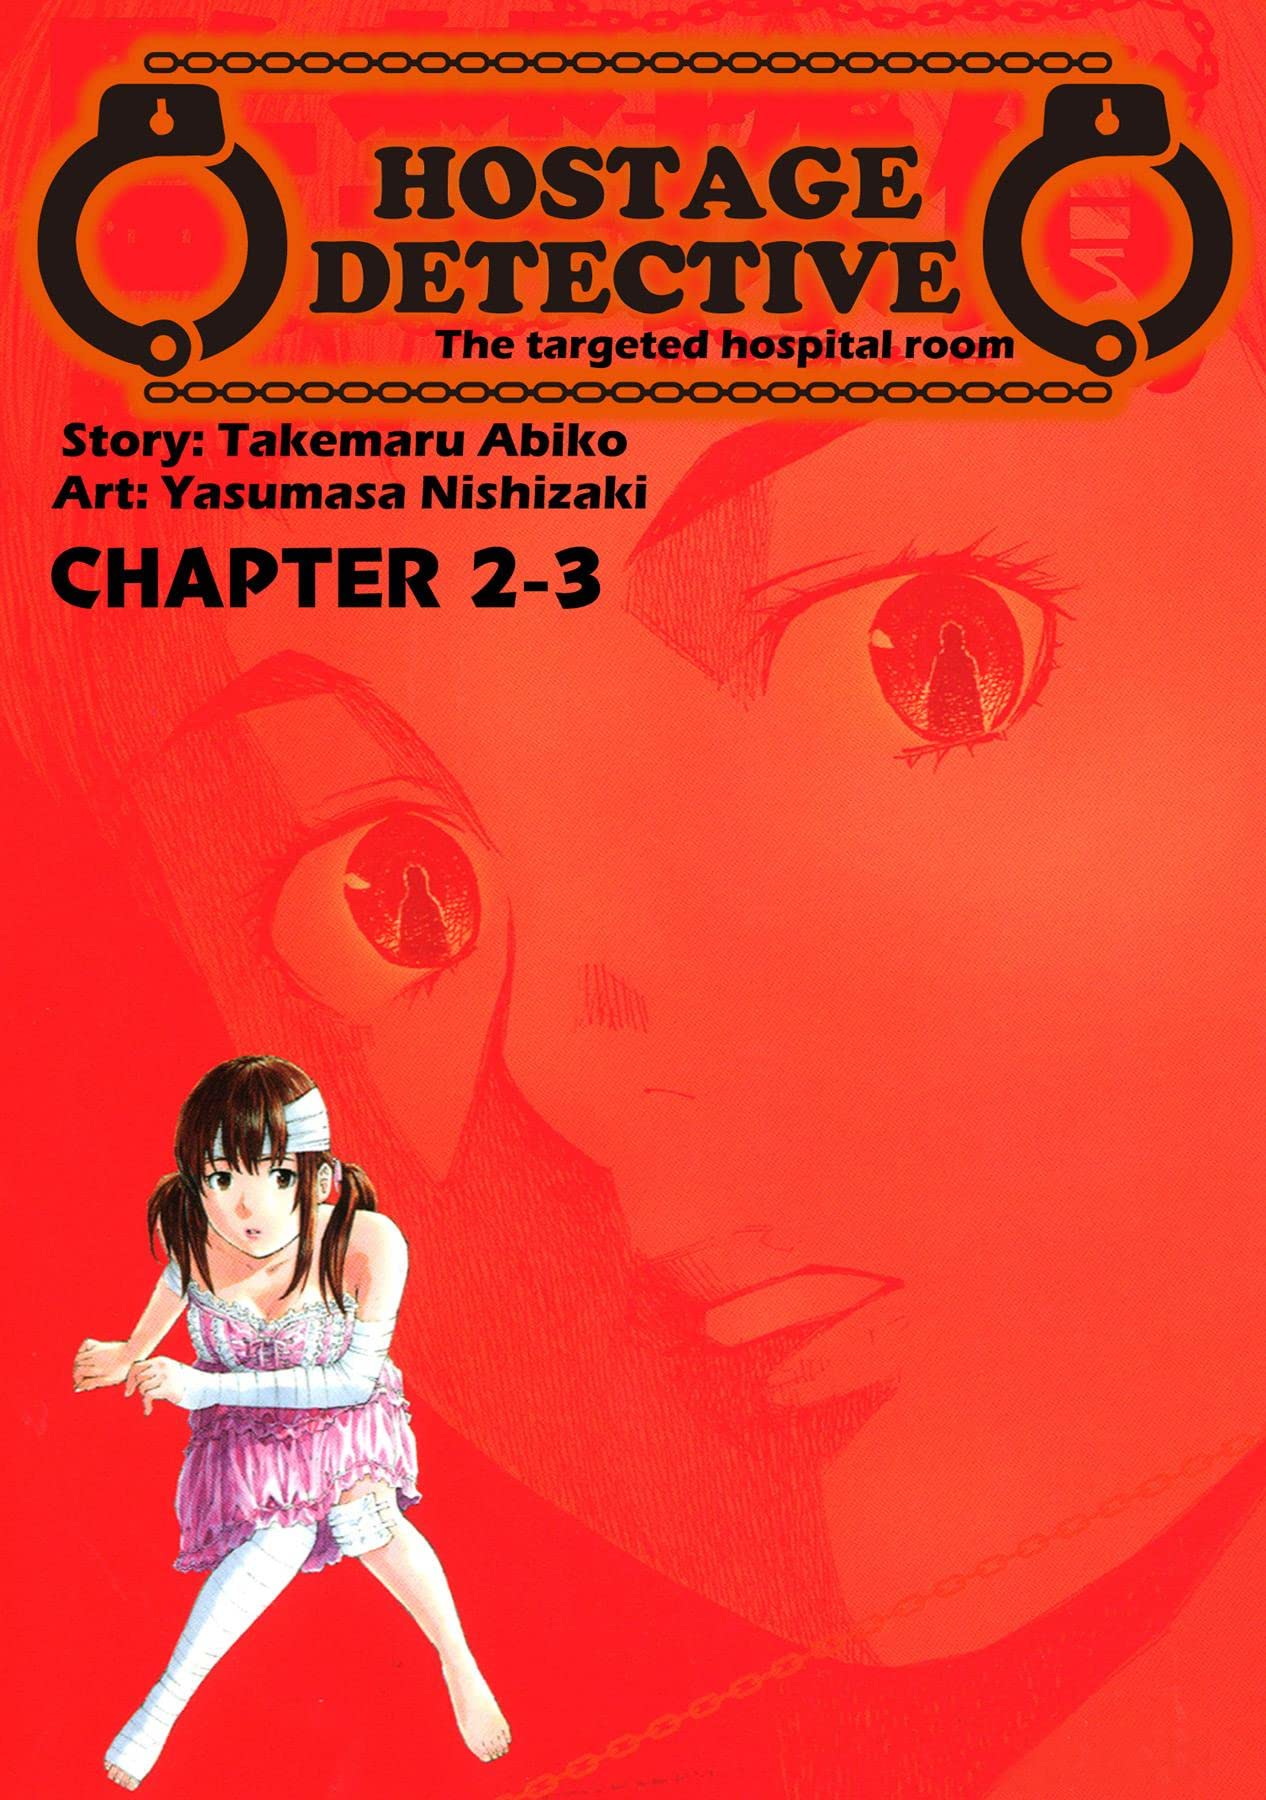 HOSTAGE DETECTIVE #15